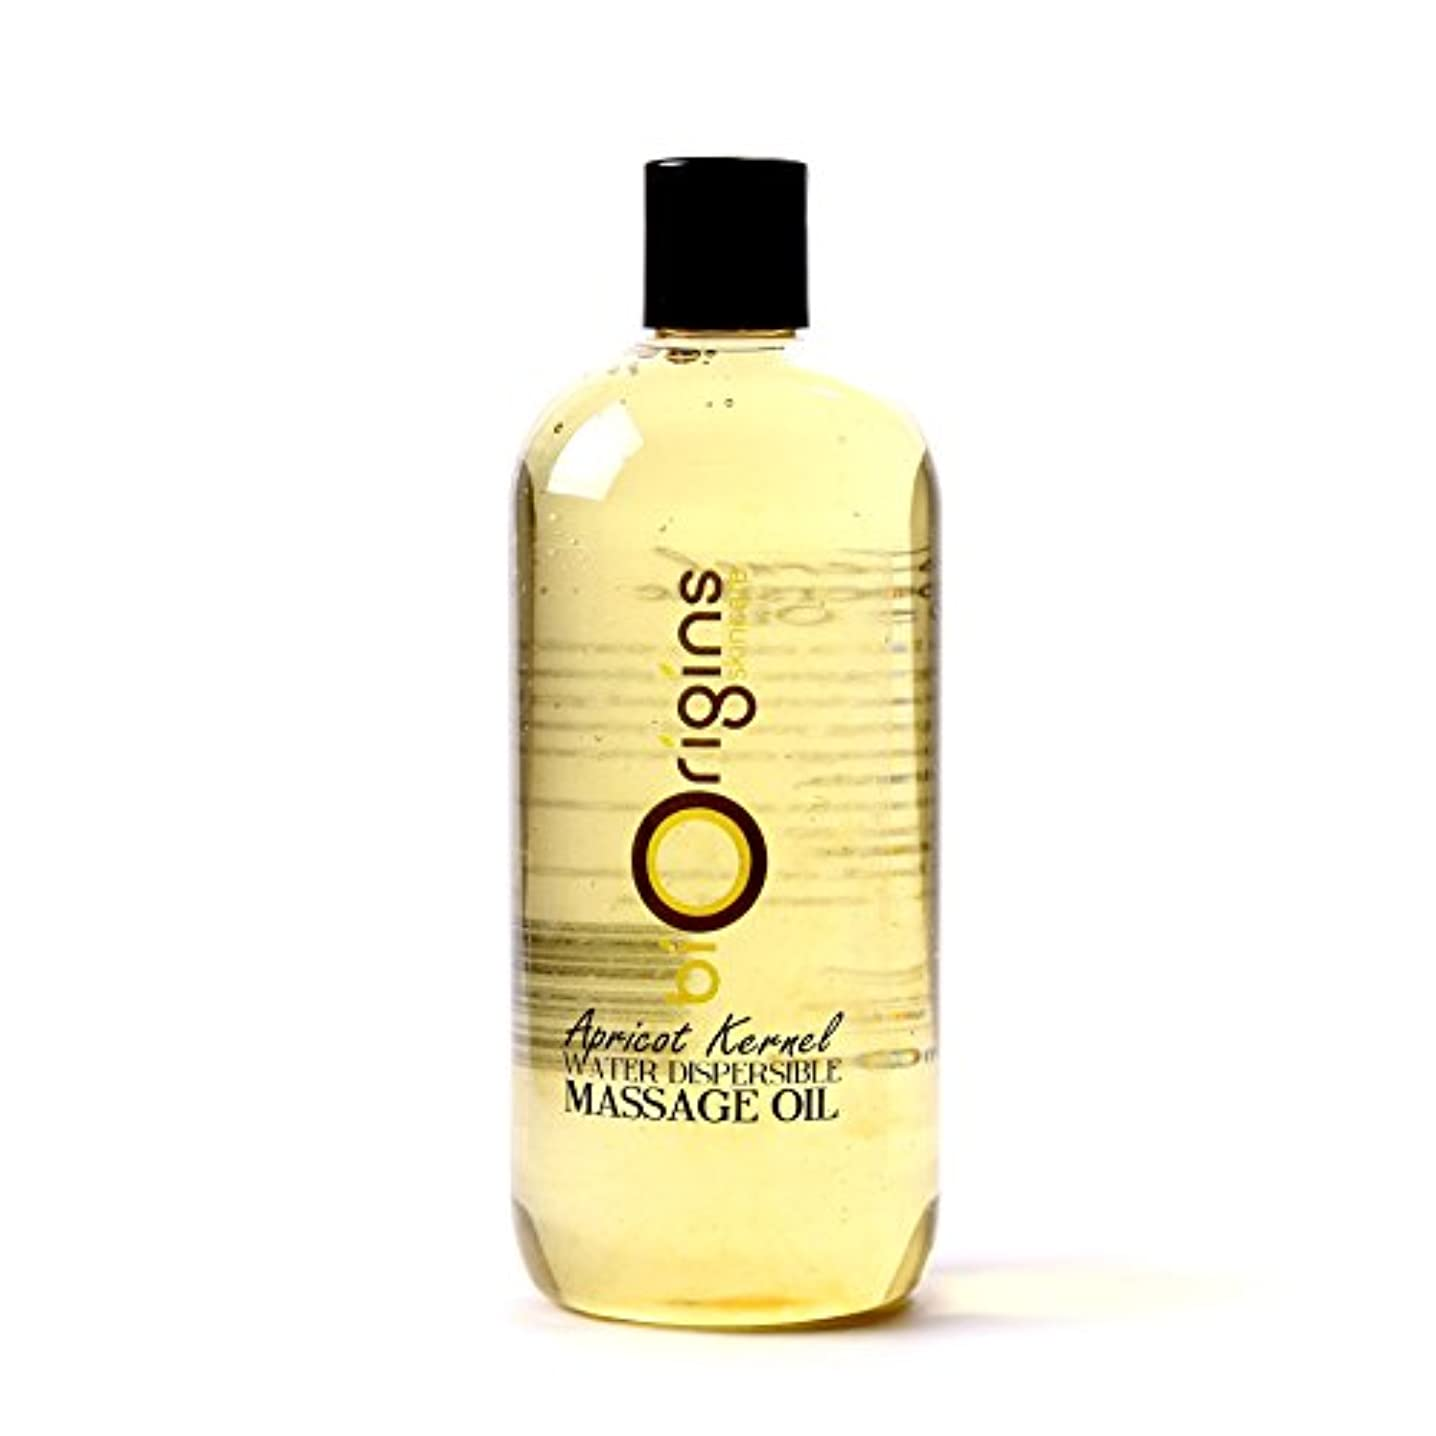 ギネスレポートを書く間接的Apricot Kernel Water Dispersible Massage Oil - 1 Litre - 100% Pure